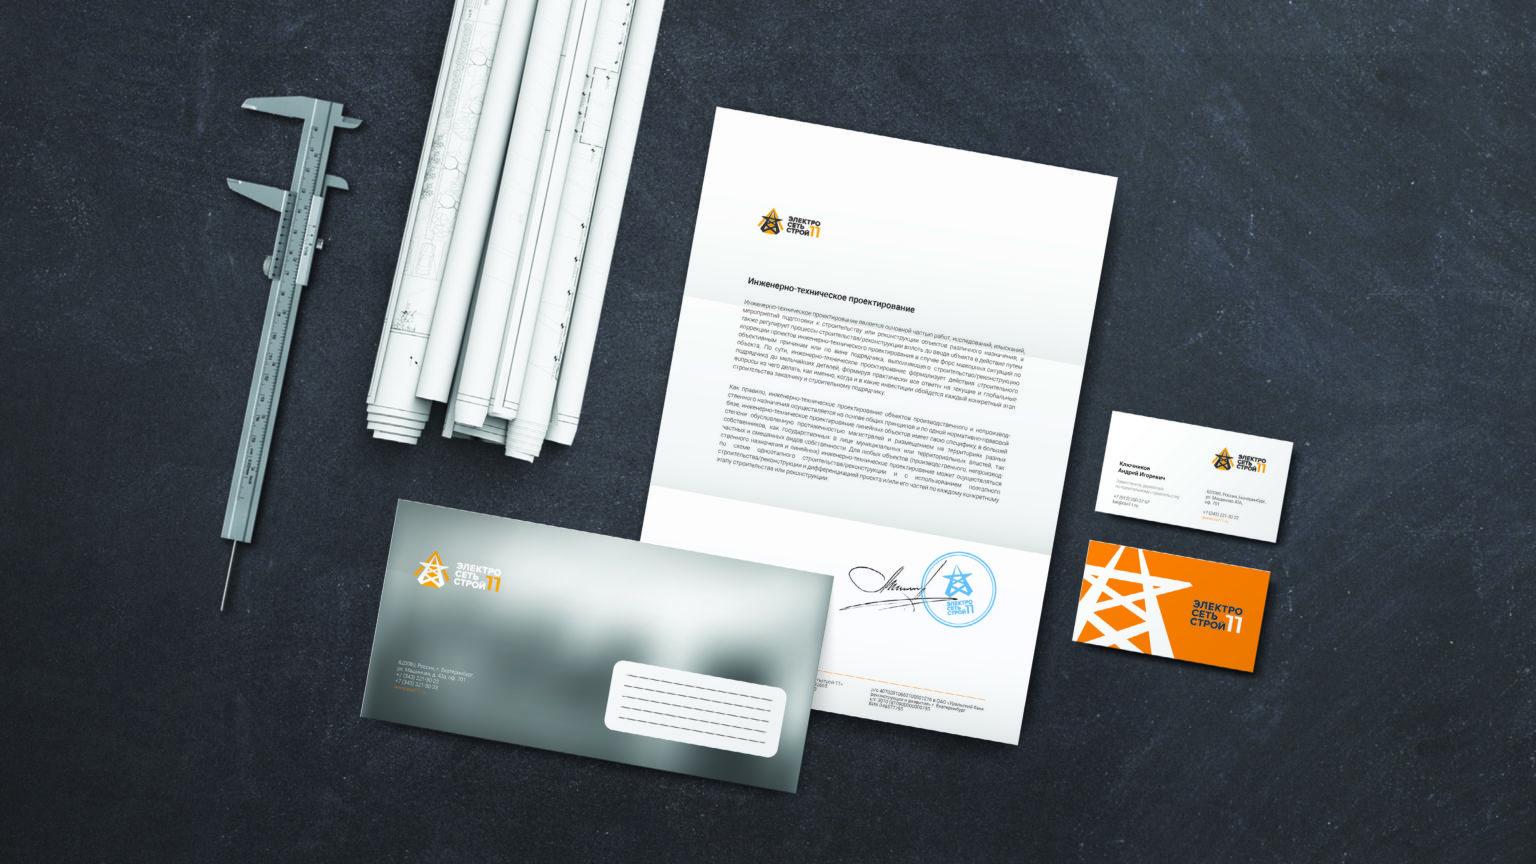 Электросетьстрой-11 разработка логотипа